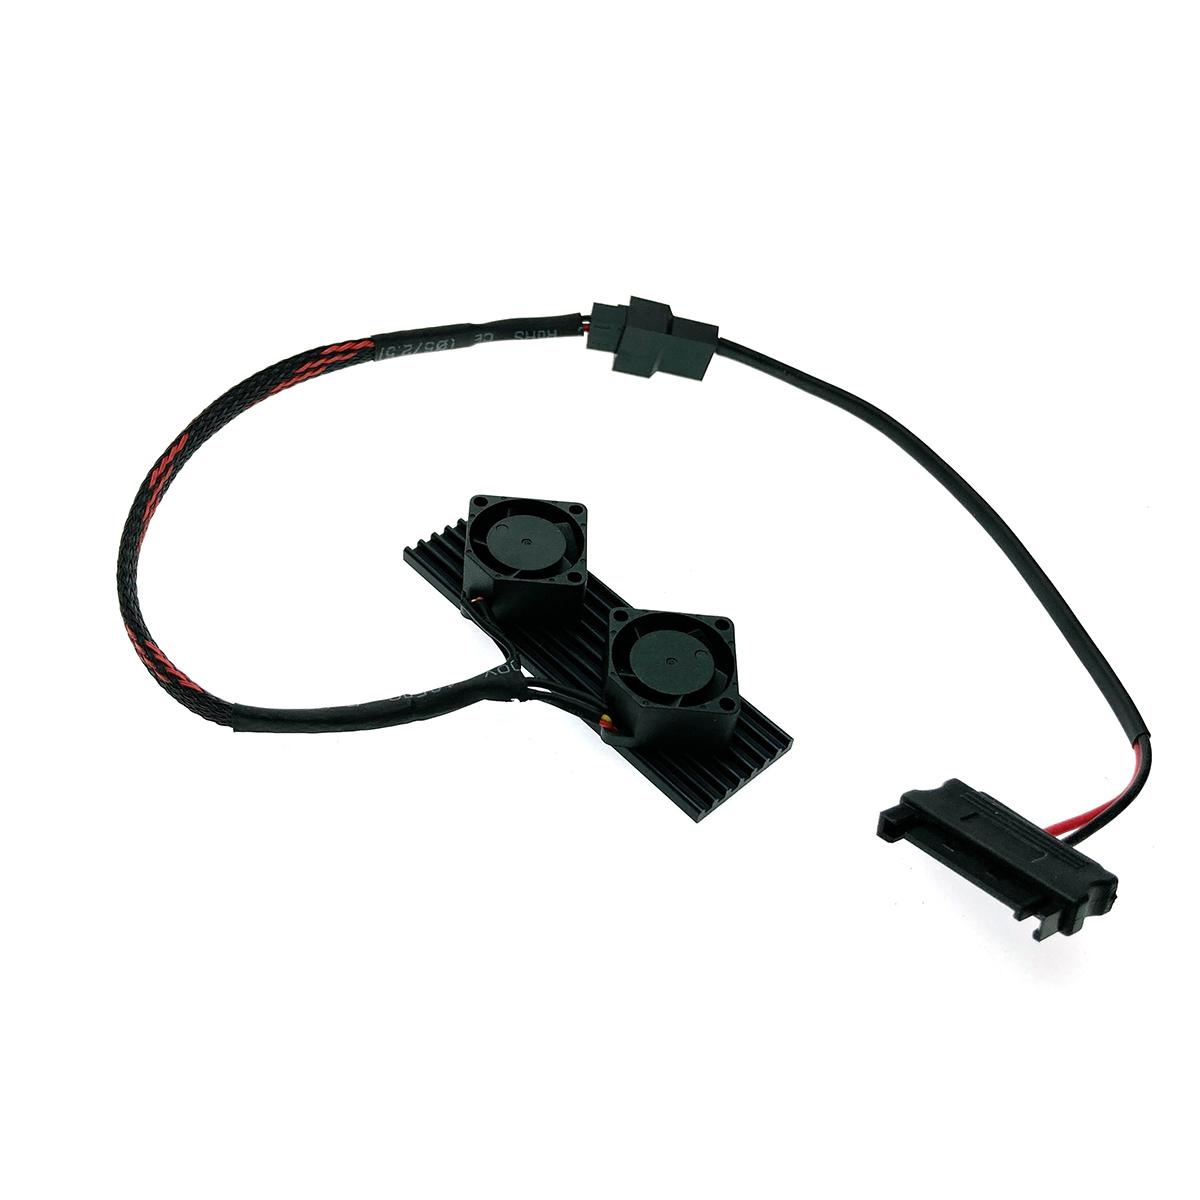 Радиатор для SSD М.2 2280 алюминиевый с активным охлаждением, модель ESP-R5